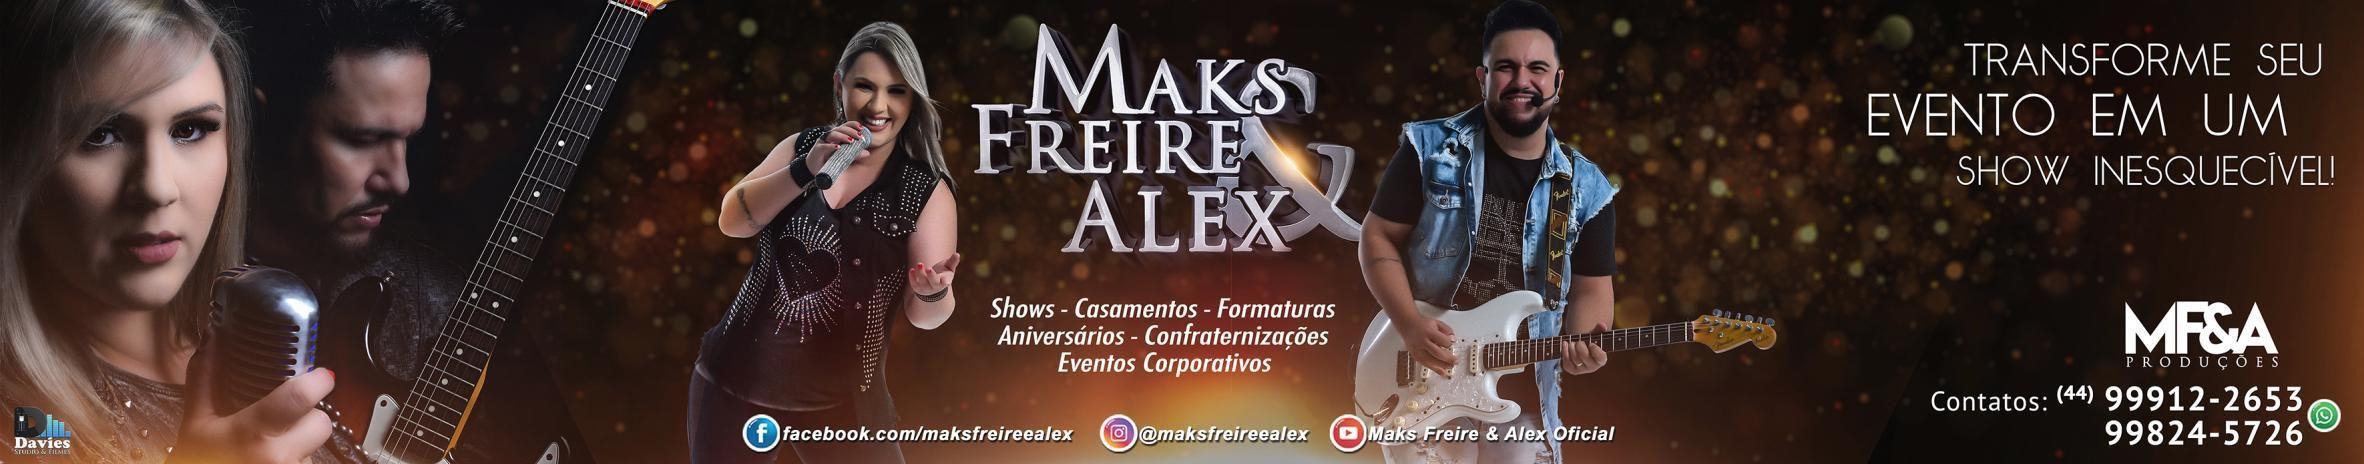 Imagem de capa de Maks Freire & Alex